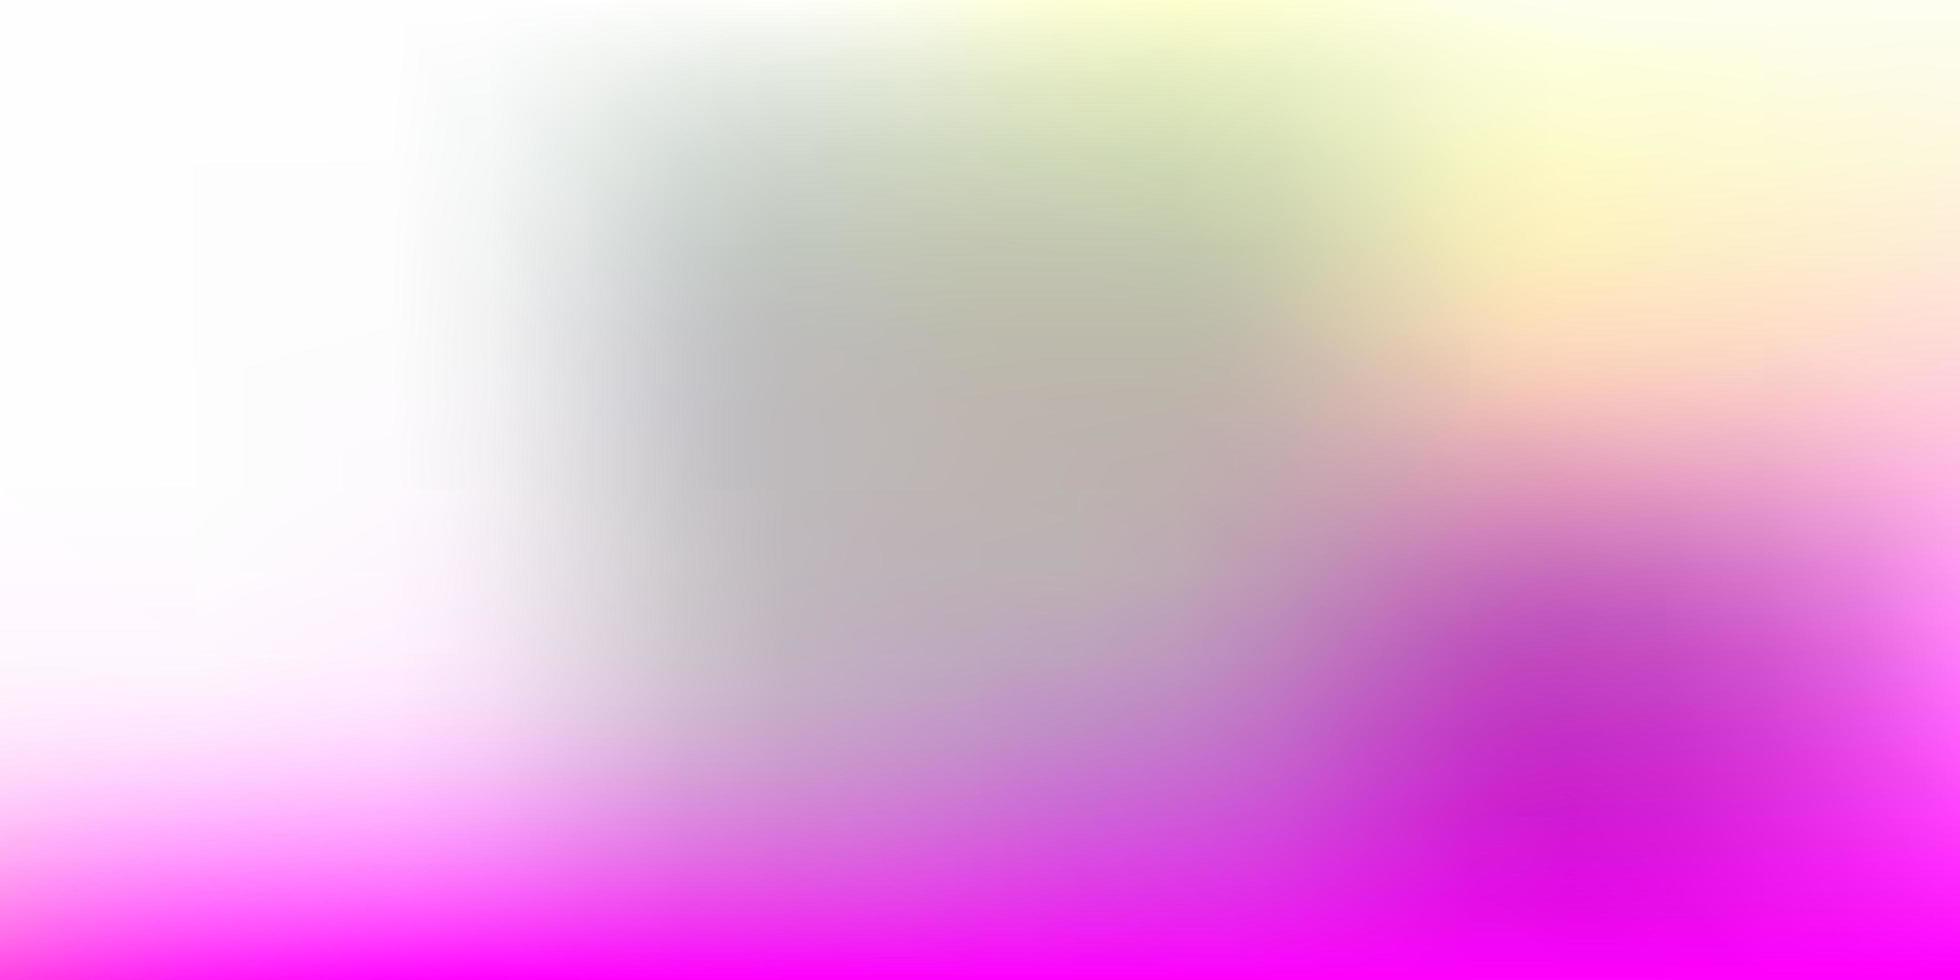 modello di sfocatura gradiente vettoriale rosa chiaro, giallo.